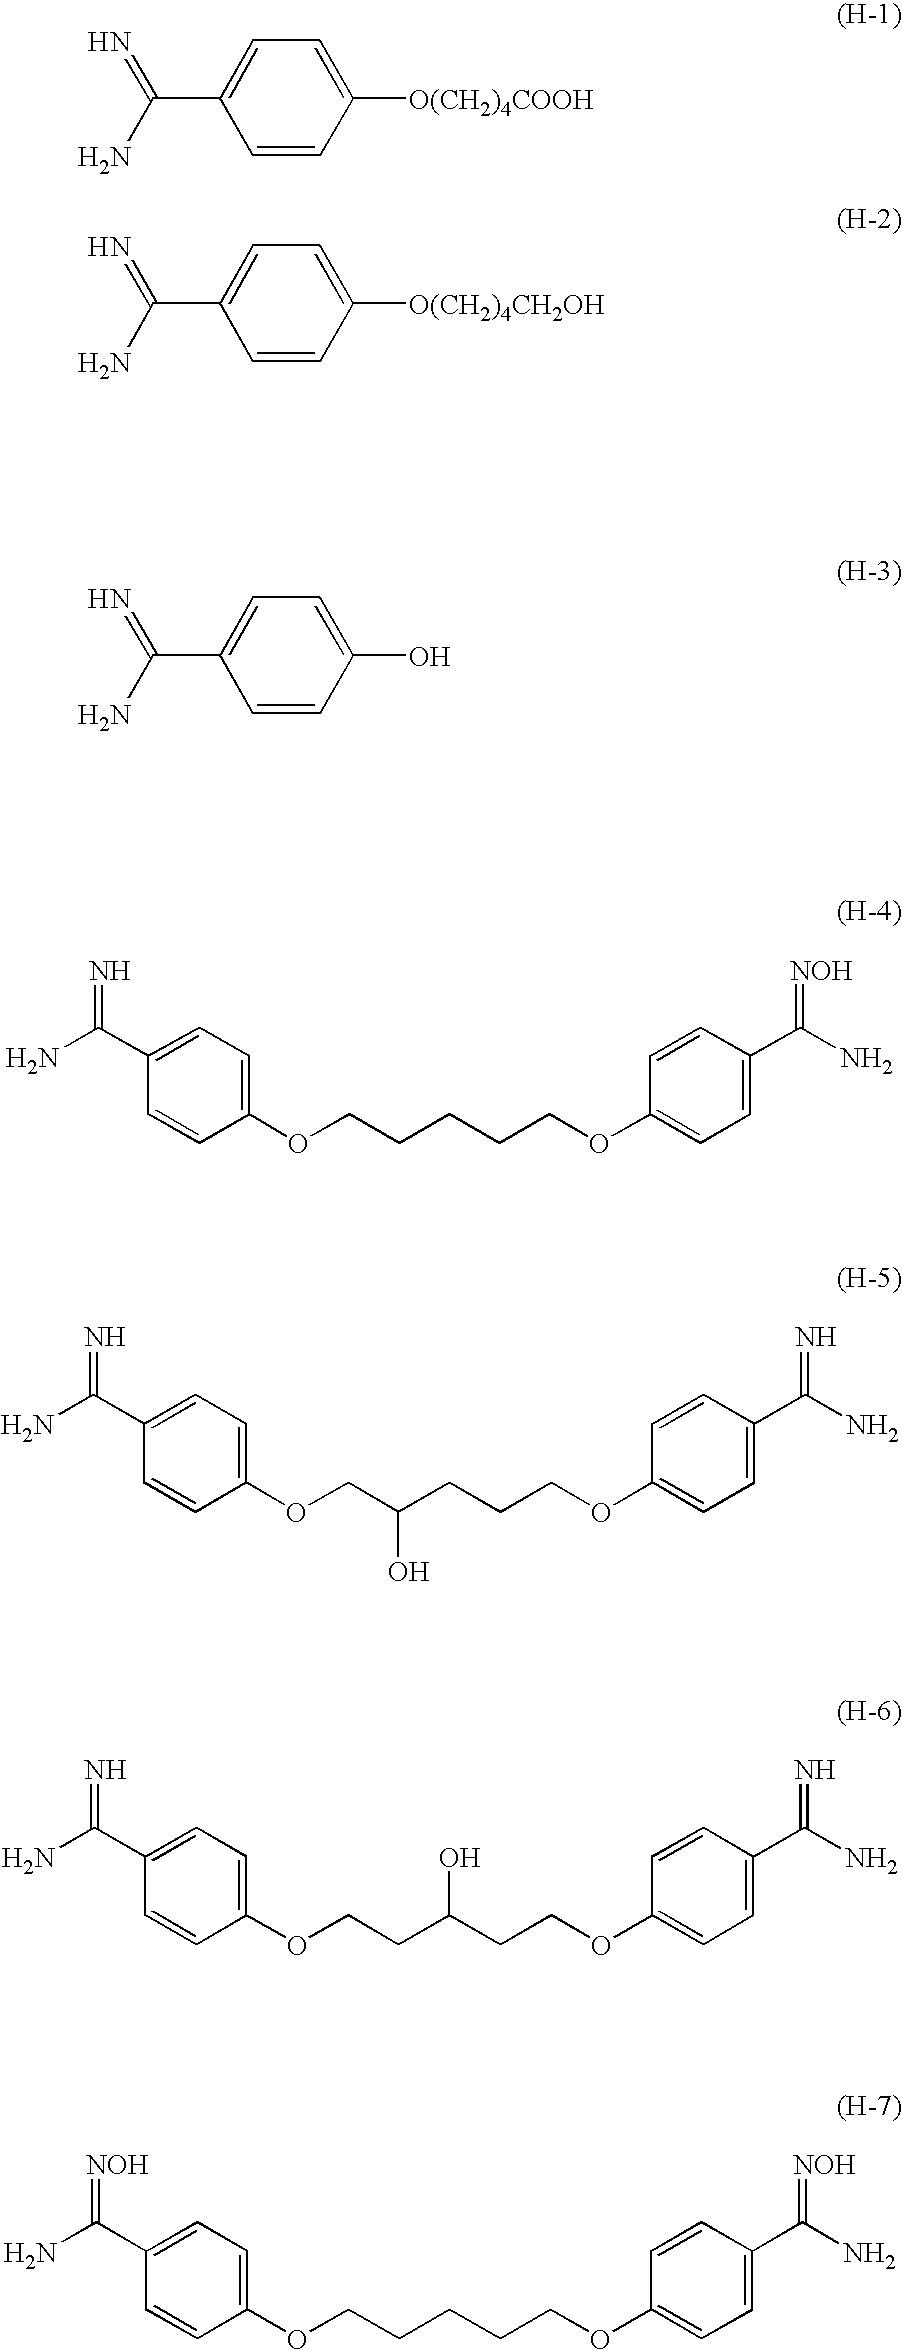 Figure US20070299043A1-20071227-C00233